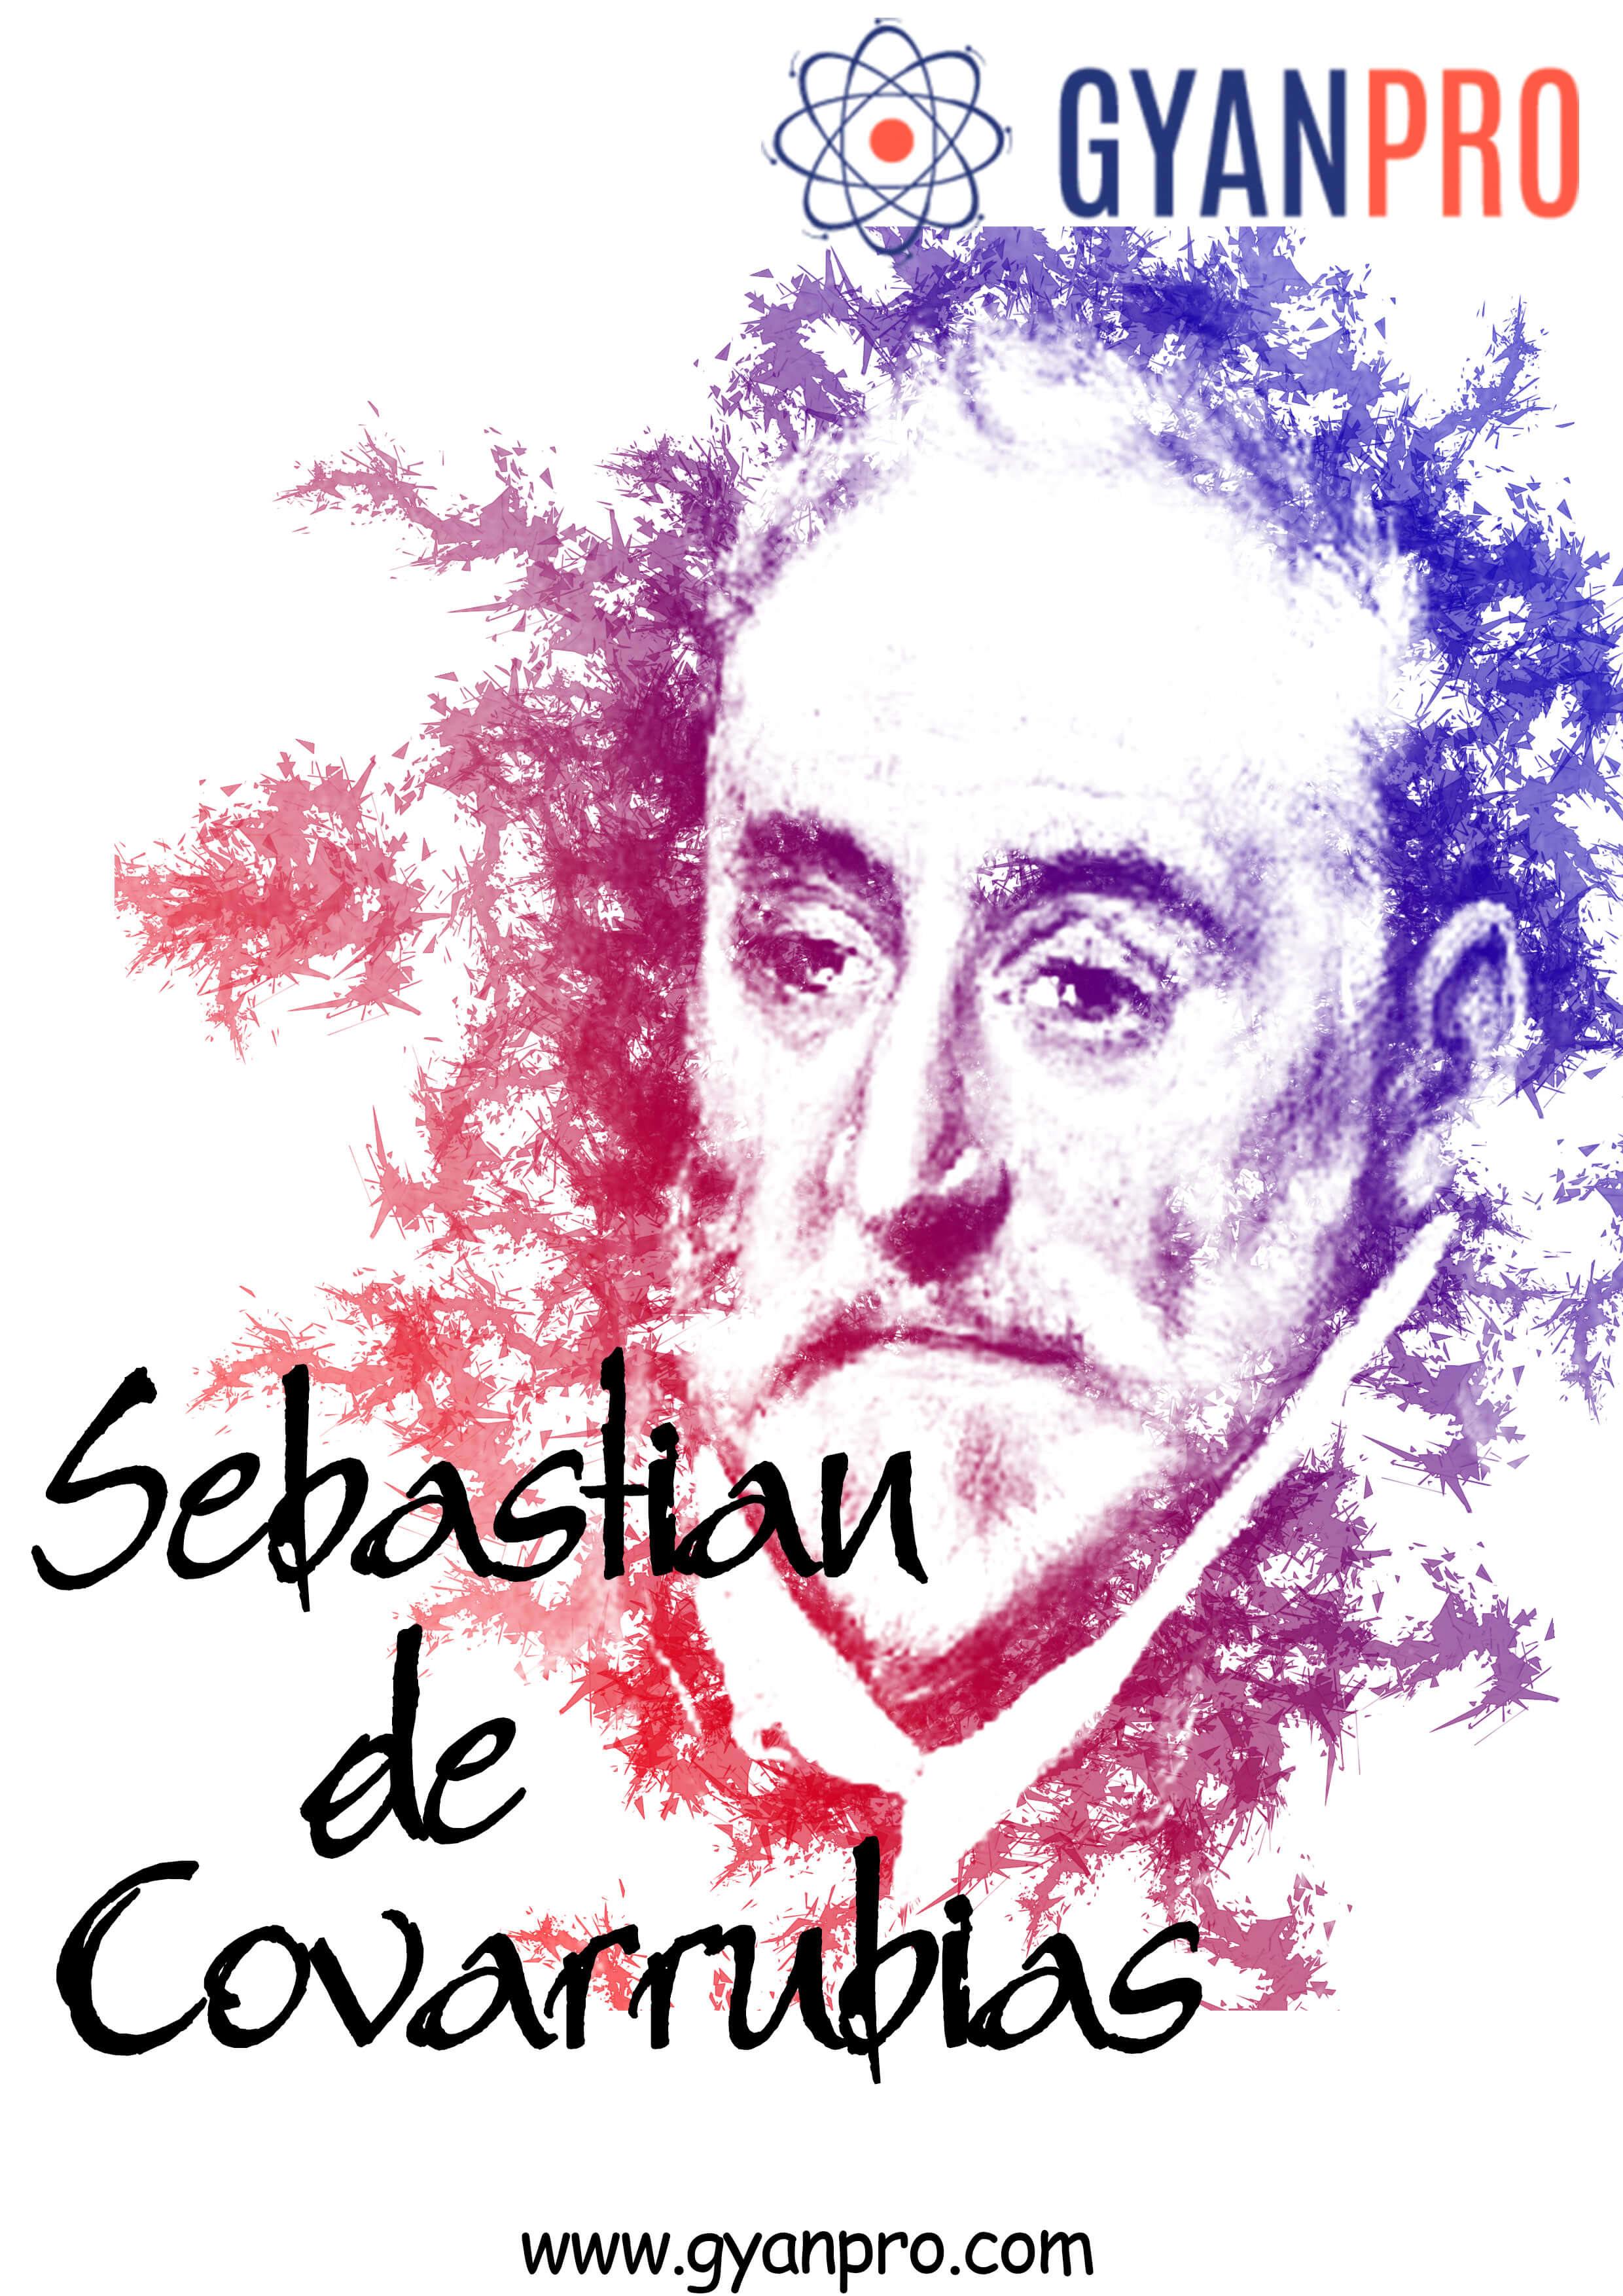 sebastian de covarubias_gyanpro